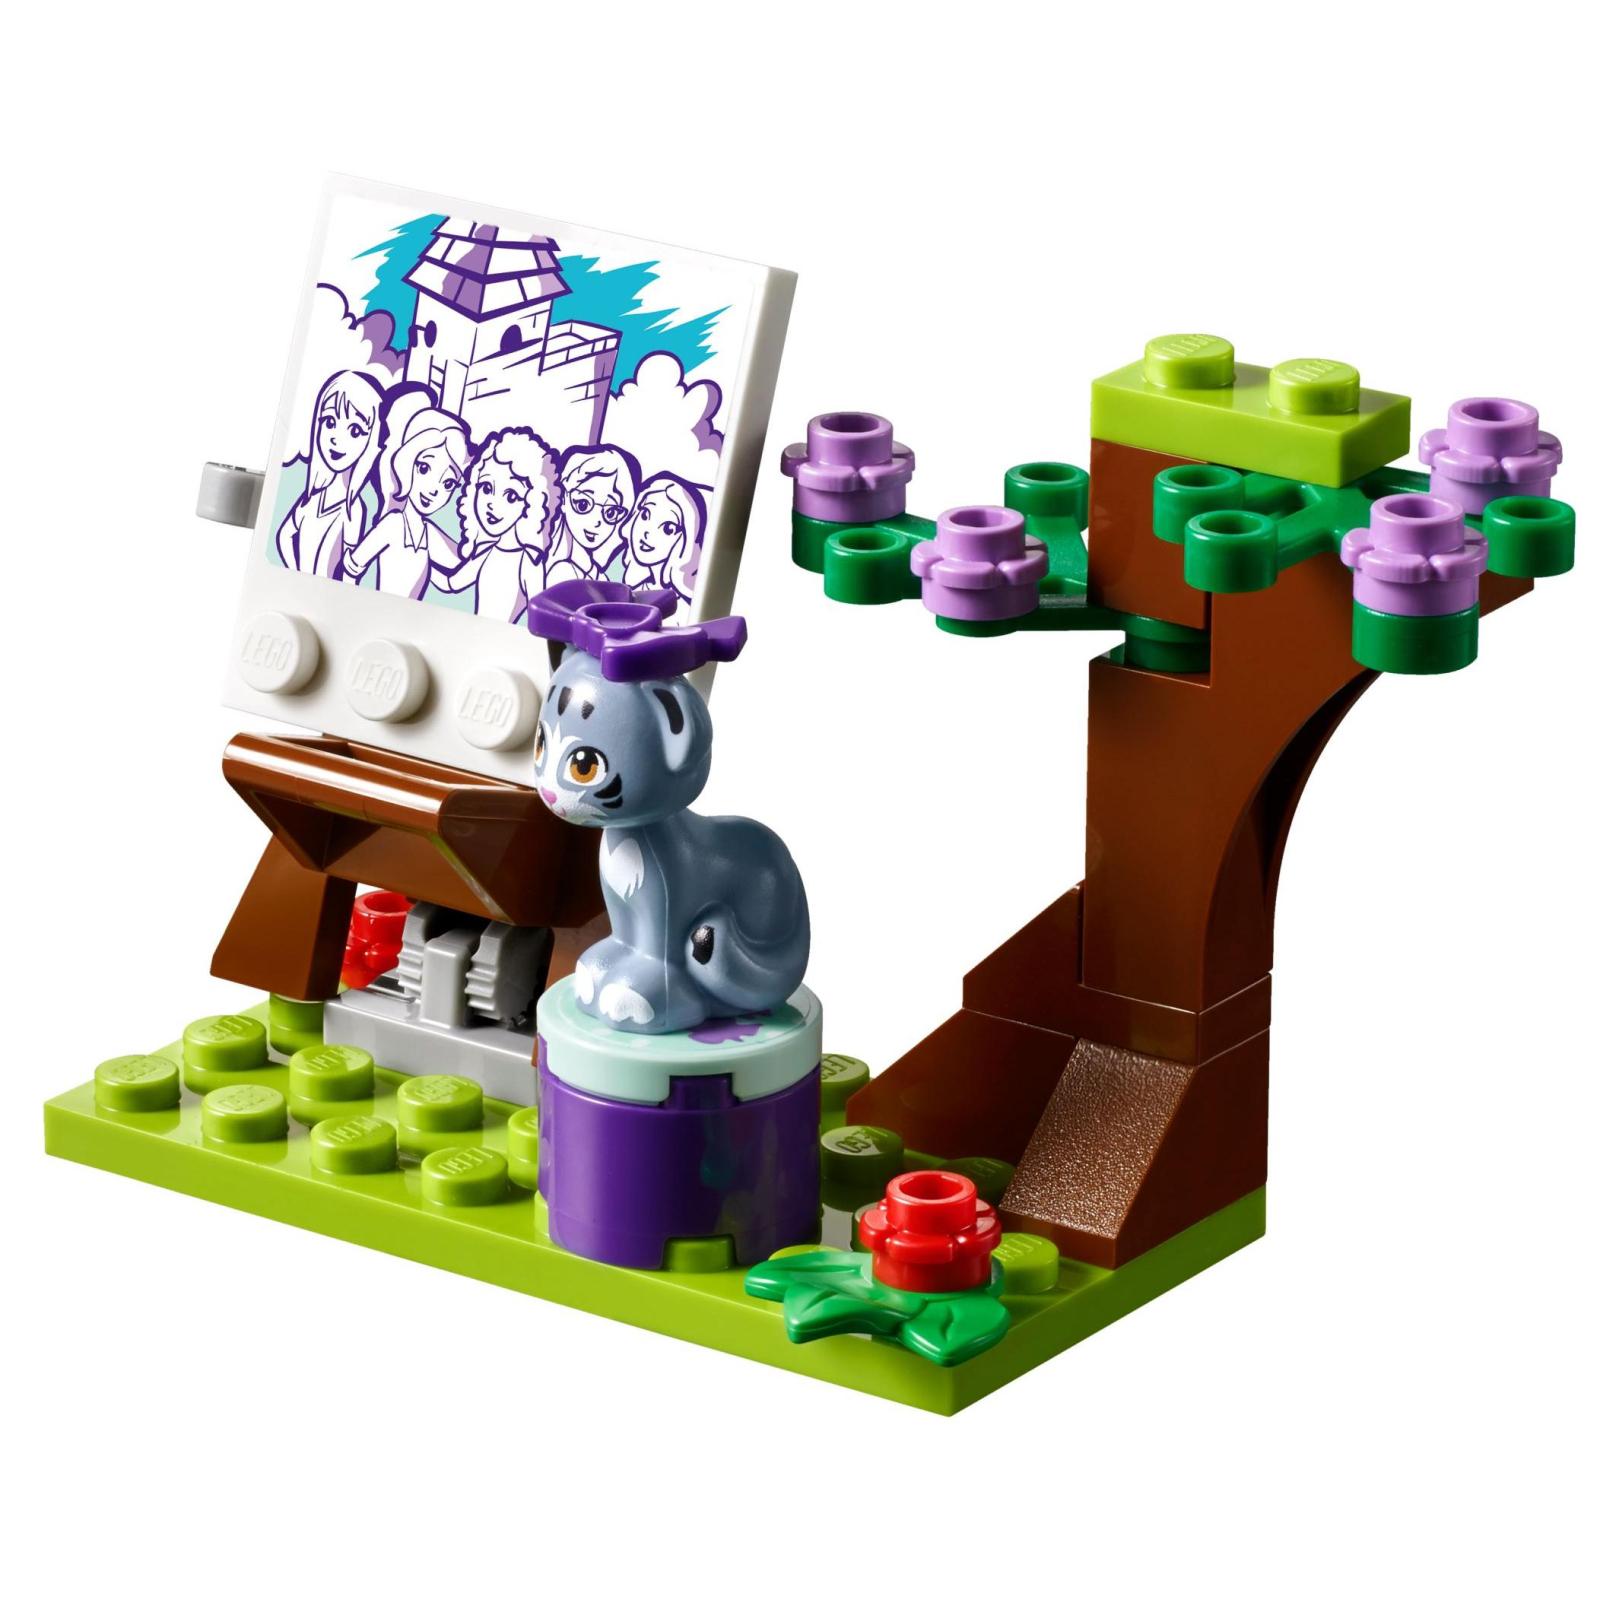 Конструктор LEGO Friends Мольберт Эммы (41332) изображение 3